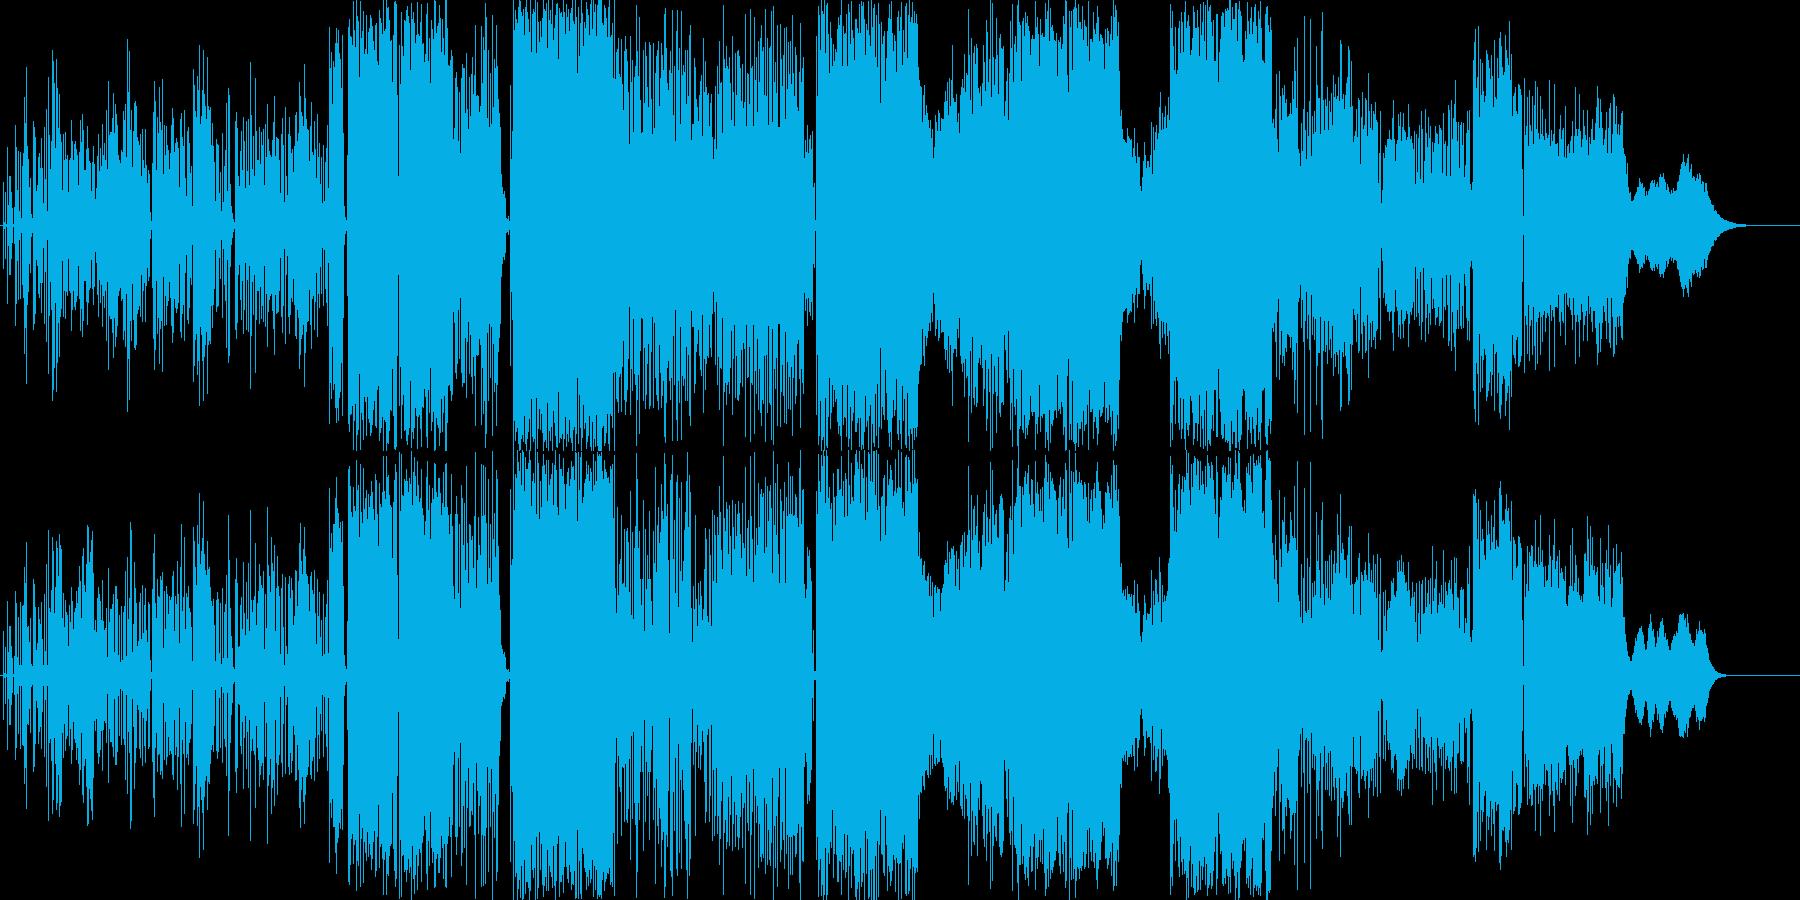 近未来的高級感溢れるサウンドの再生済みの波形